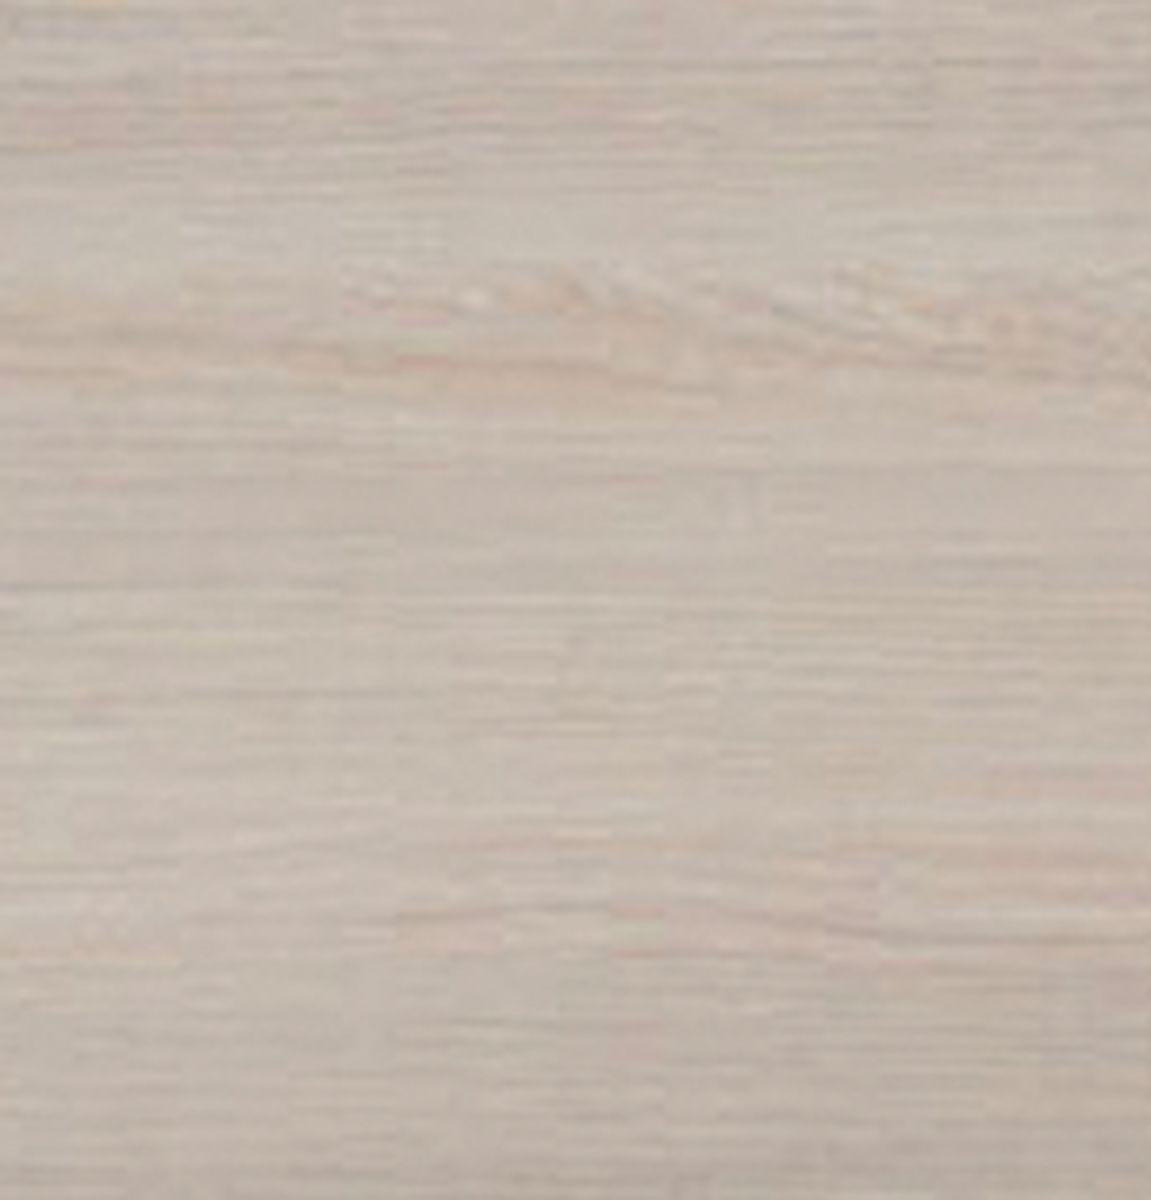 alterna meuble lave mains 1 porte 40 cm concerto bois clair cedeo. Black Bedroom Furniture Sets. Home Design Ideas